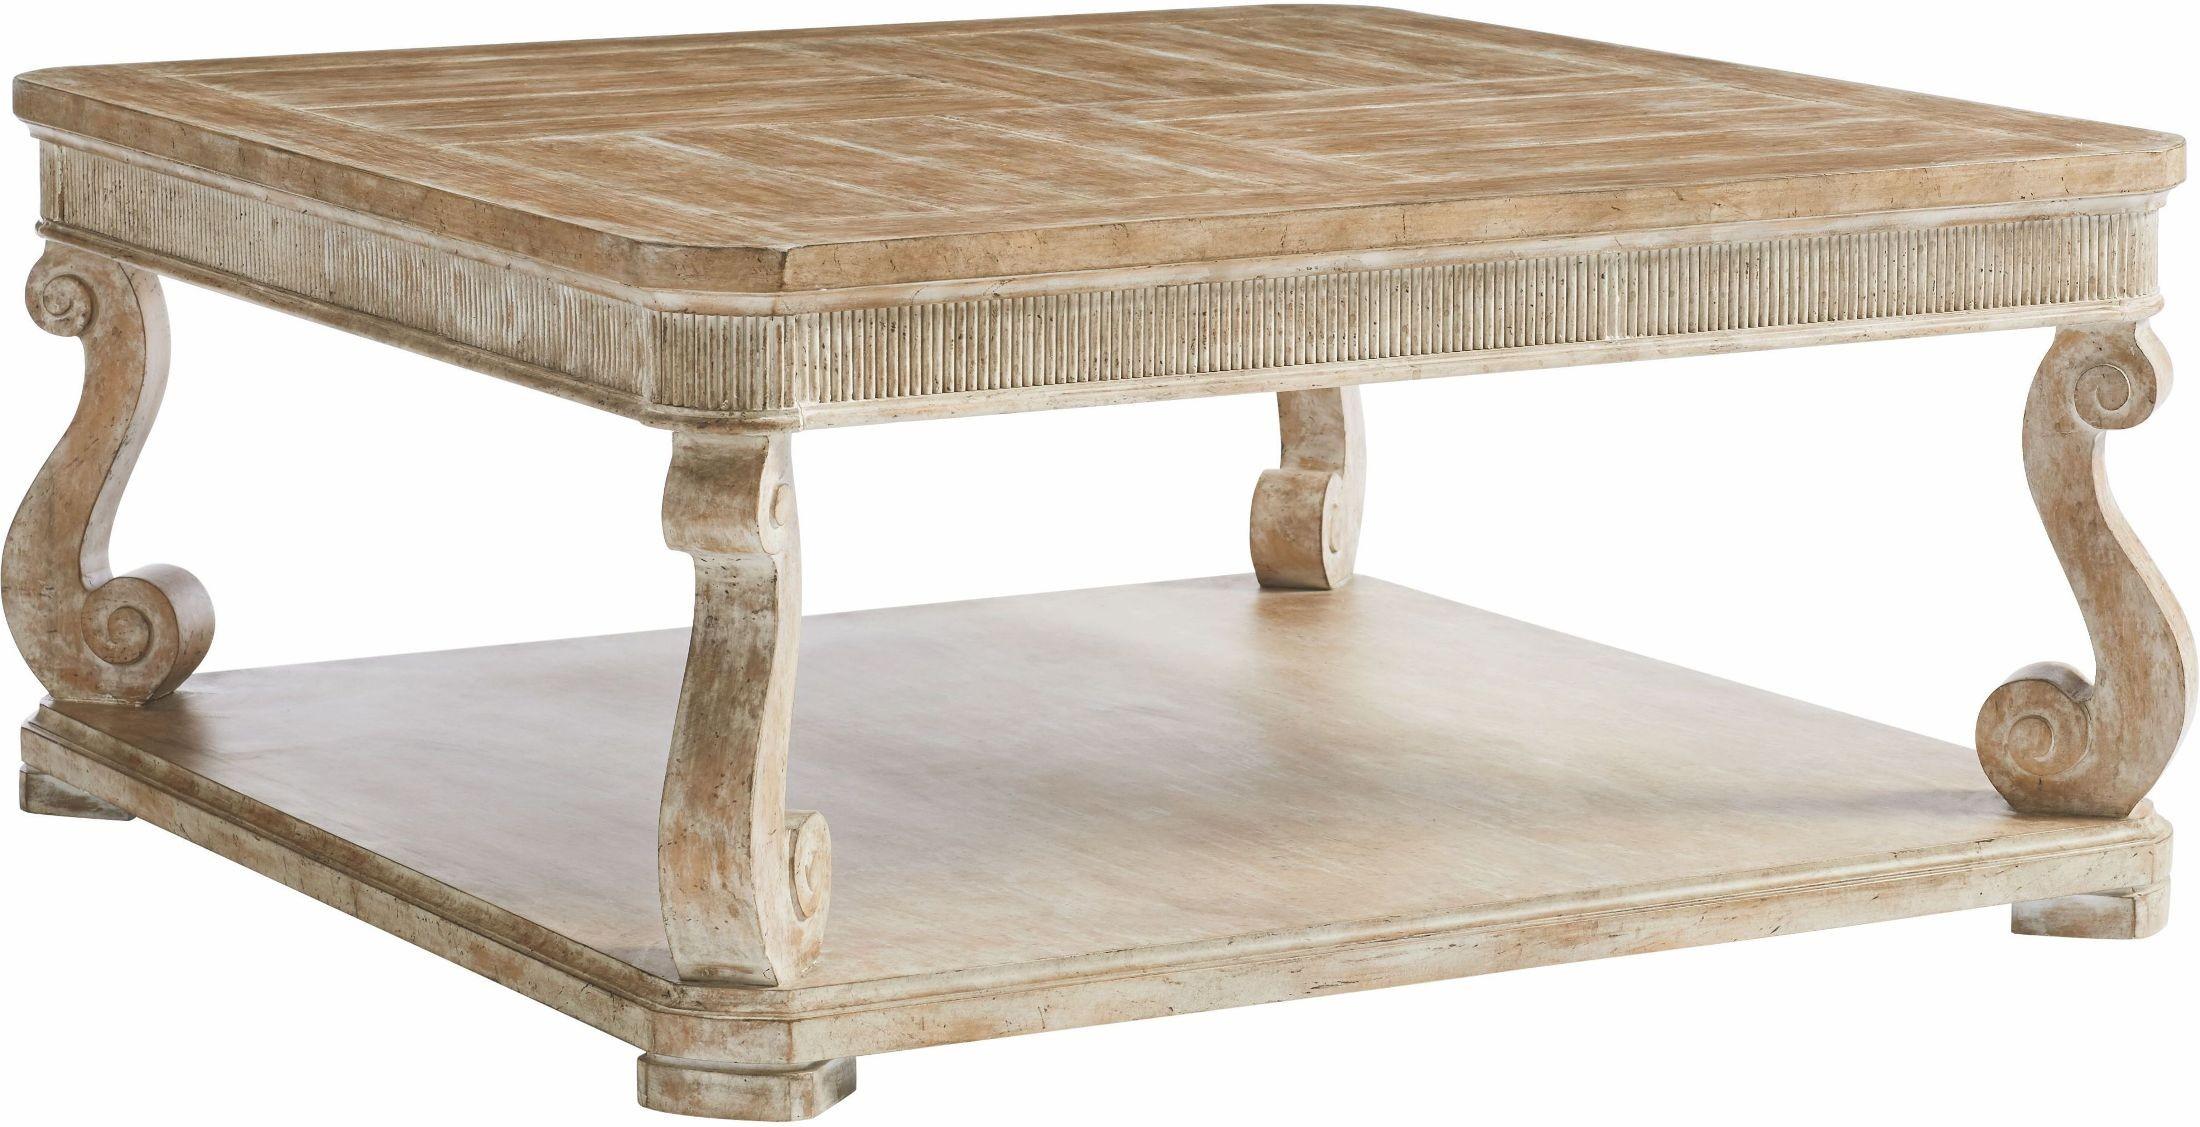 Juniper dell english clay square cocktail table 615 65 01 for Square cocktail table